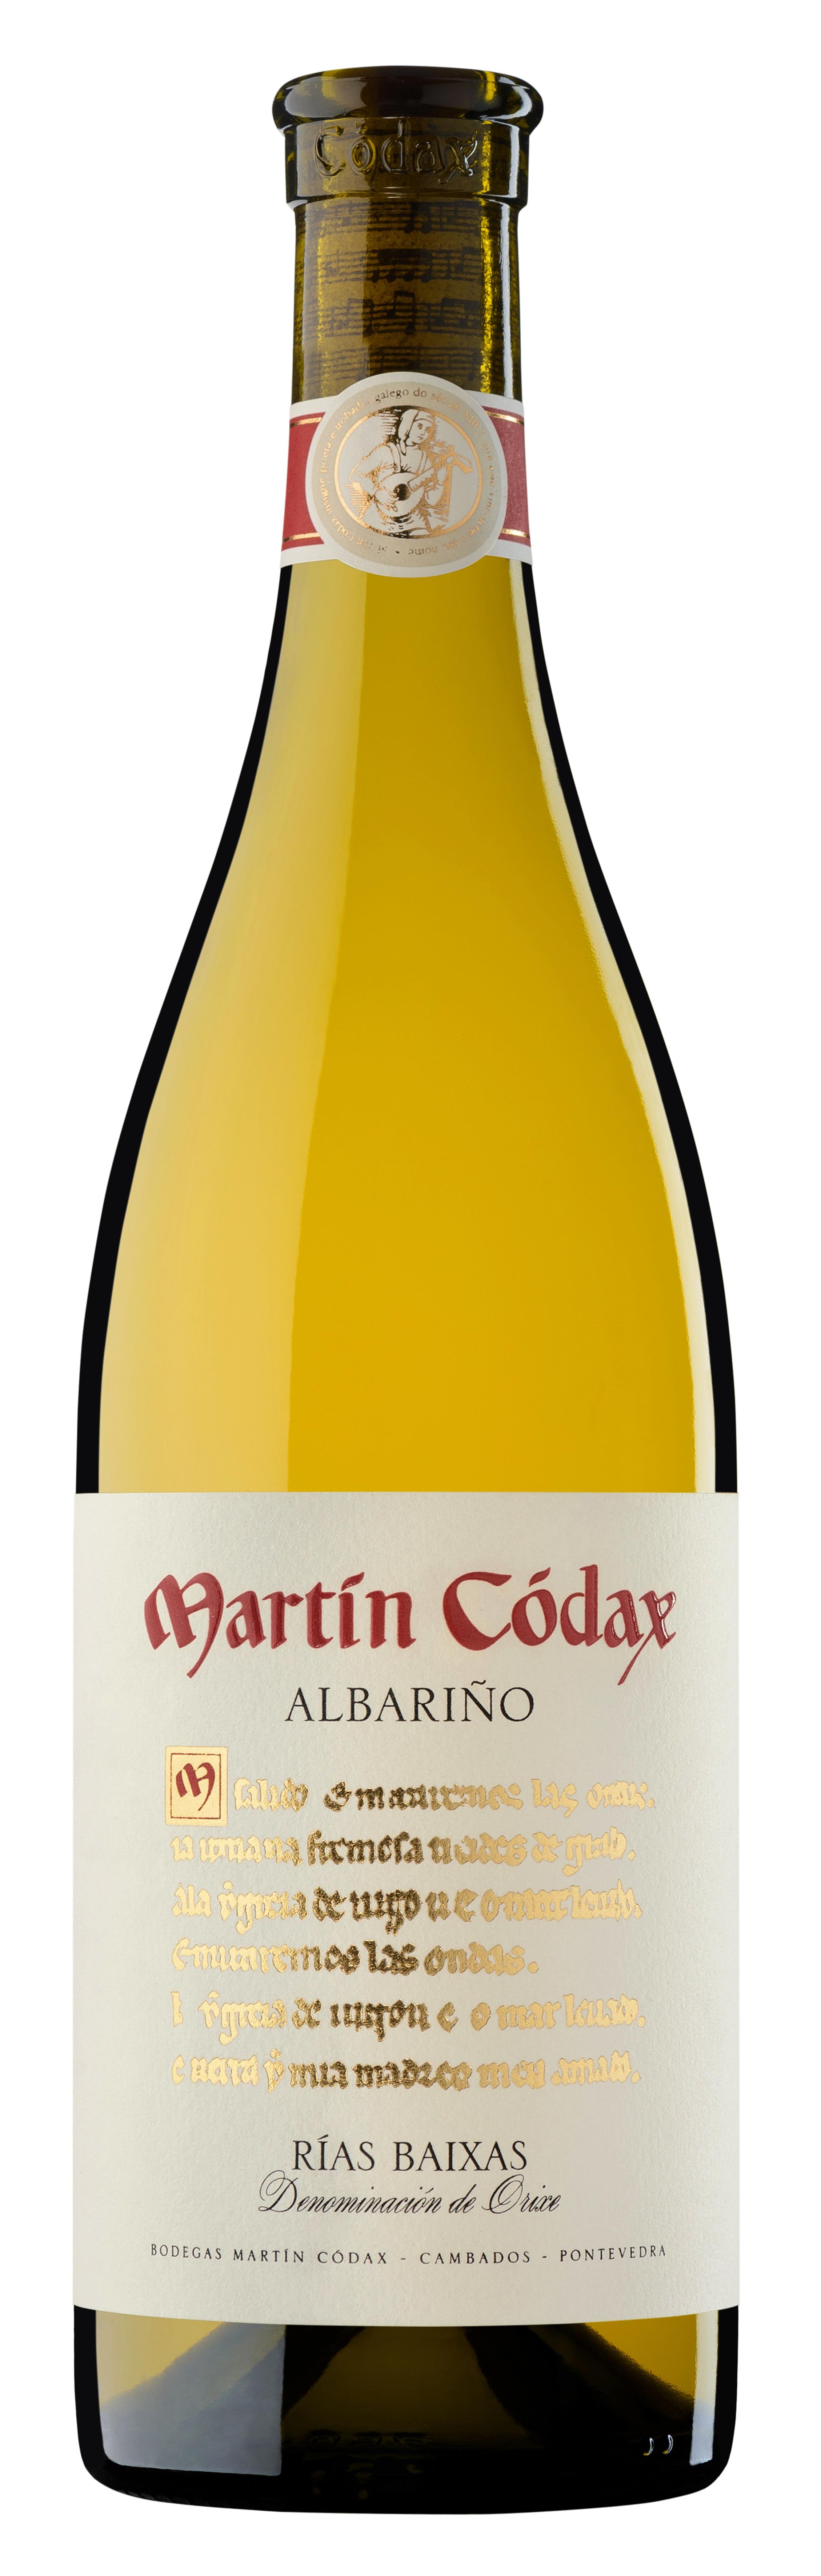 Martín Codax